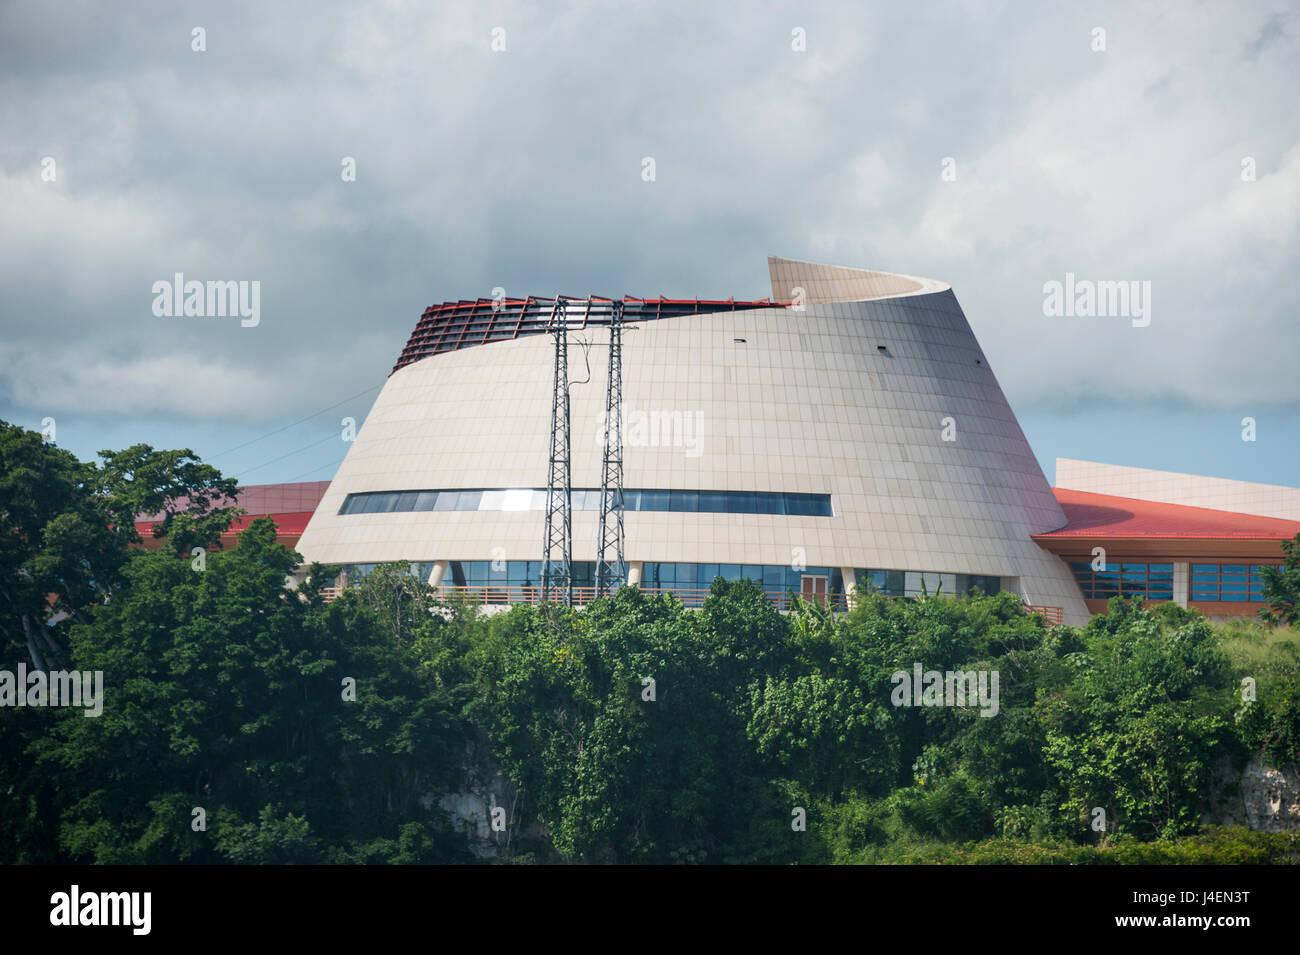 The Parliament of Vanuatu, Port Vila, Efate, Vanuatu, Pacific - Stock Image